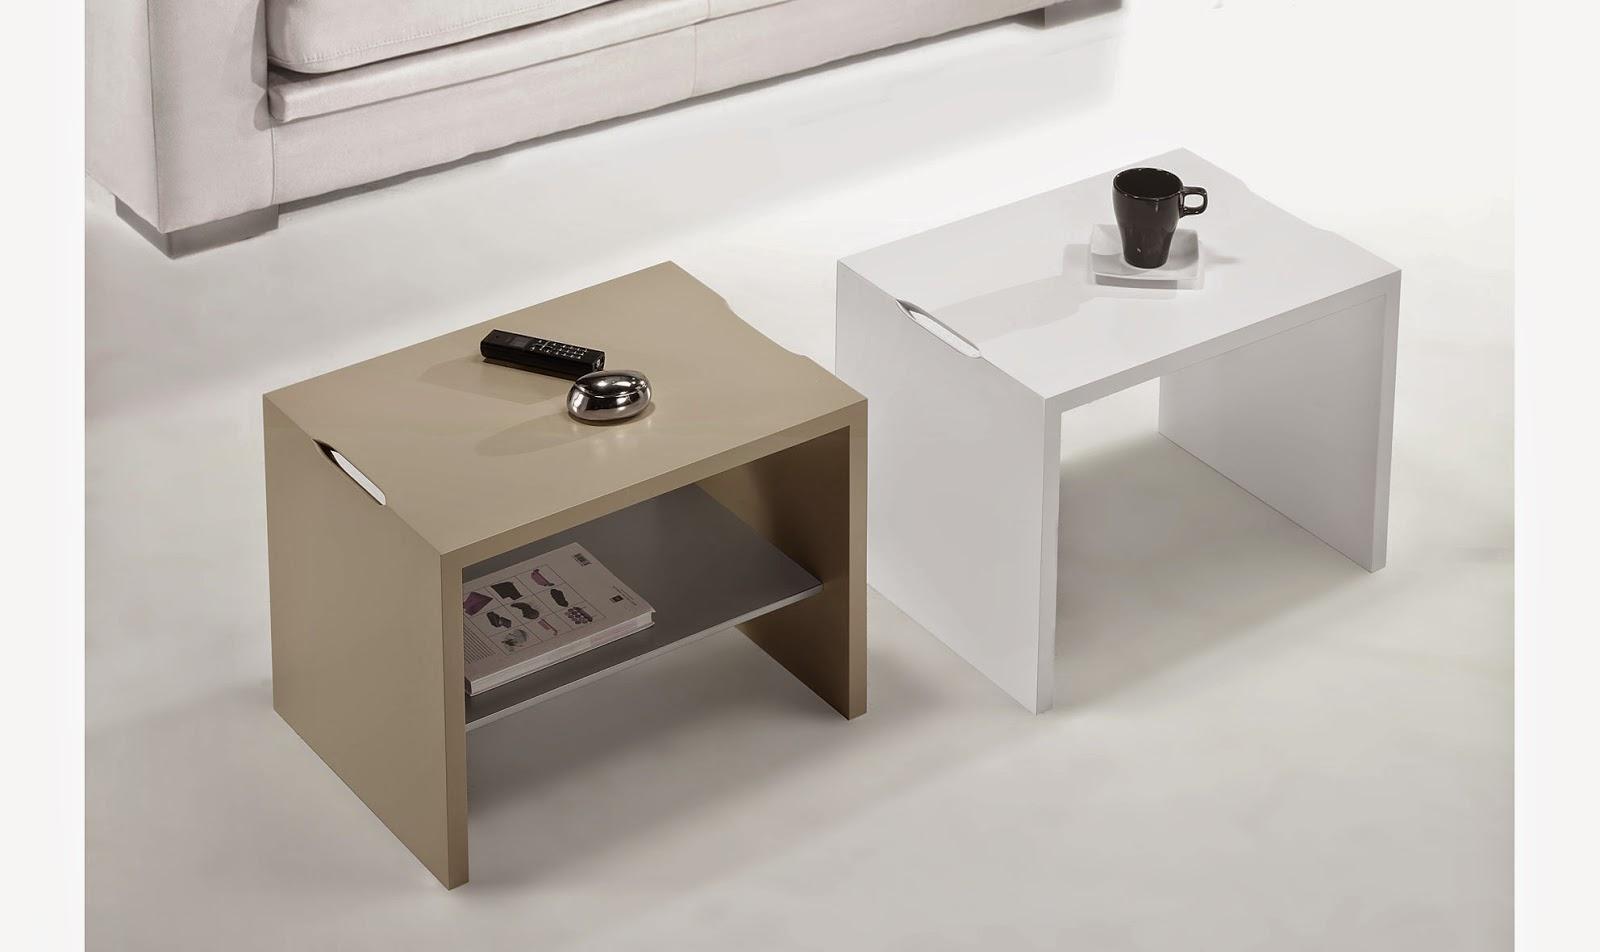 Muebles pr cticos por la decoradora experta muebles Muebles para casas pequenas